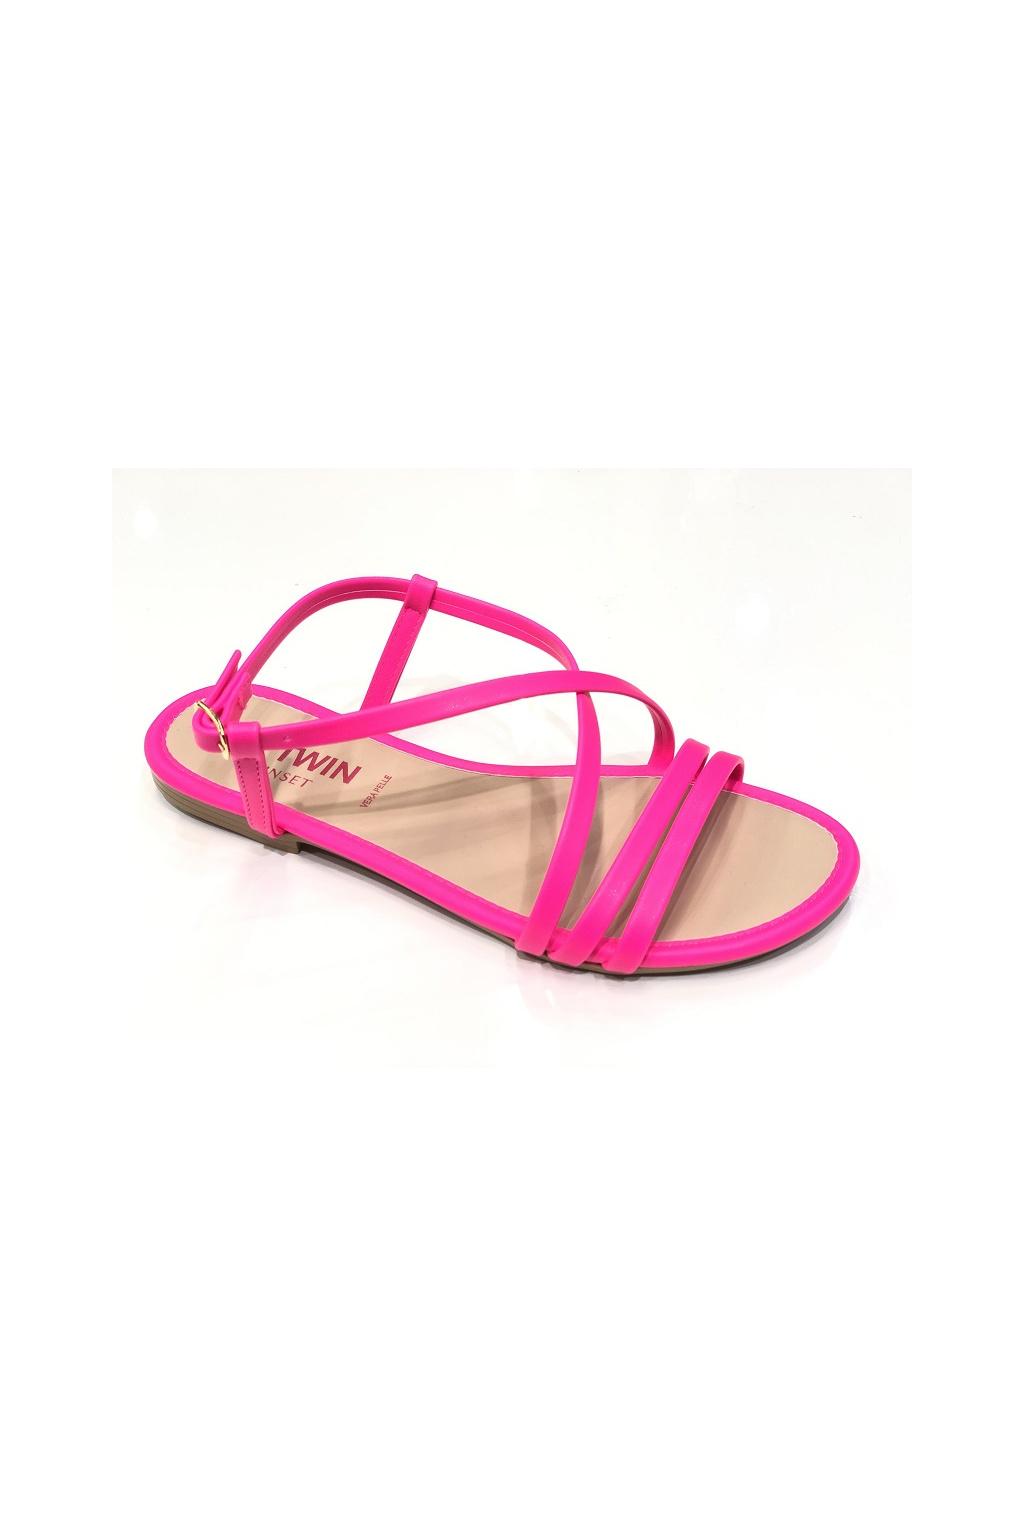 201MCT010 Dámské sandály Twinset růžové